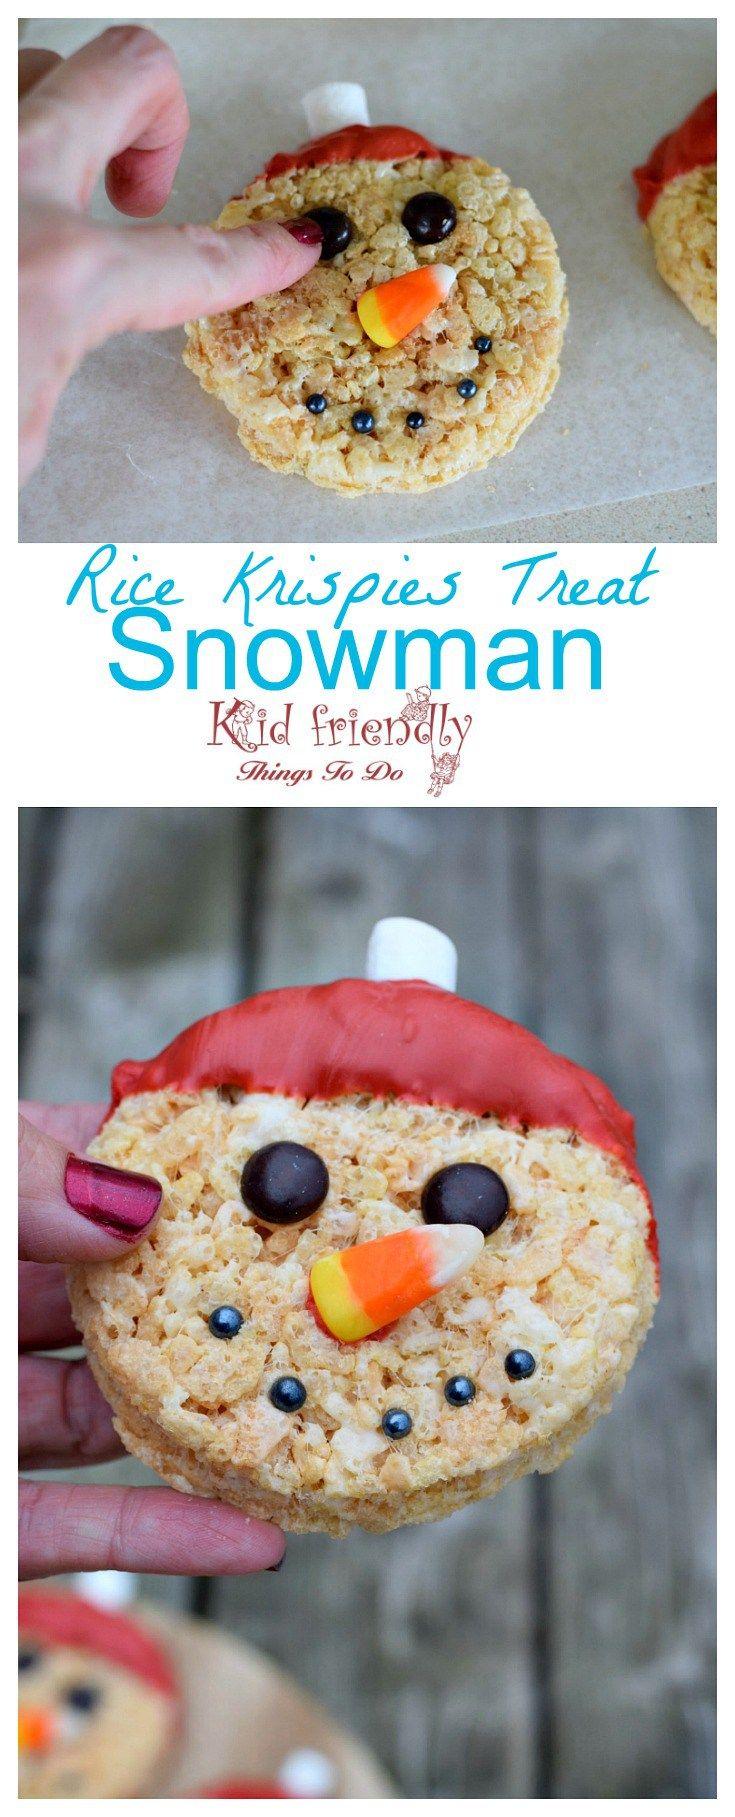 Snowman Rice Krispies Treats for a Fun Food Treat #ricekrispiestreats